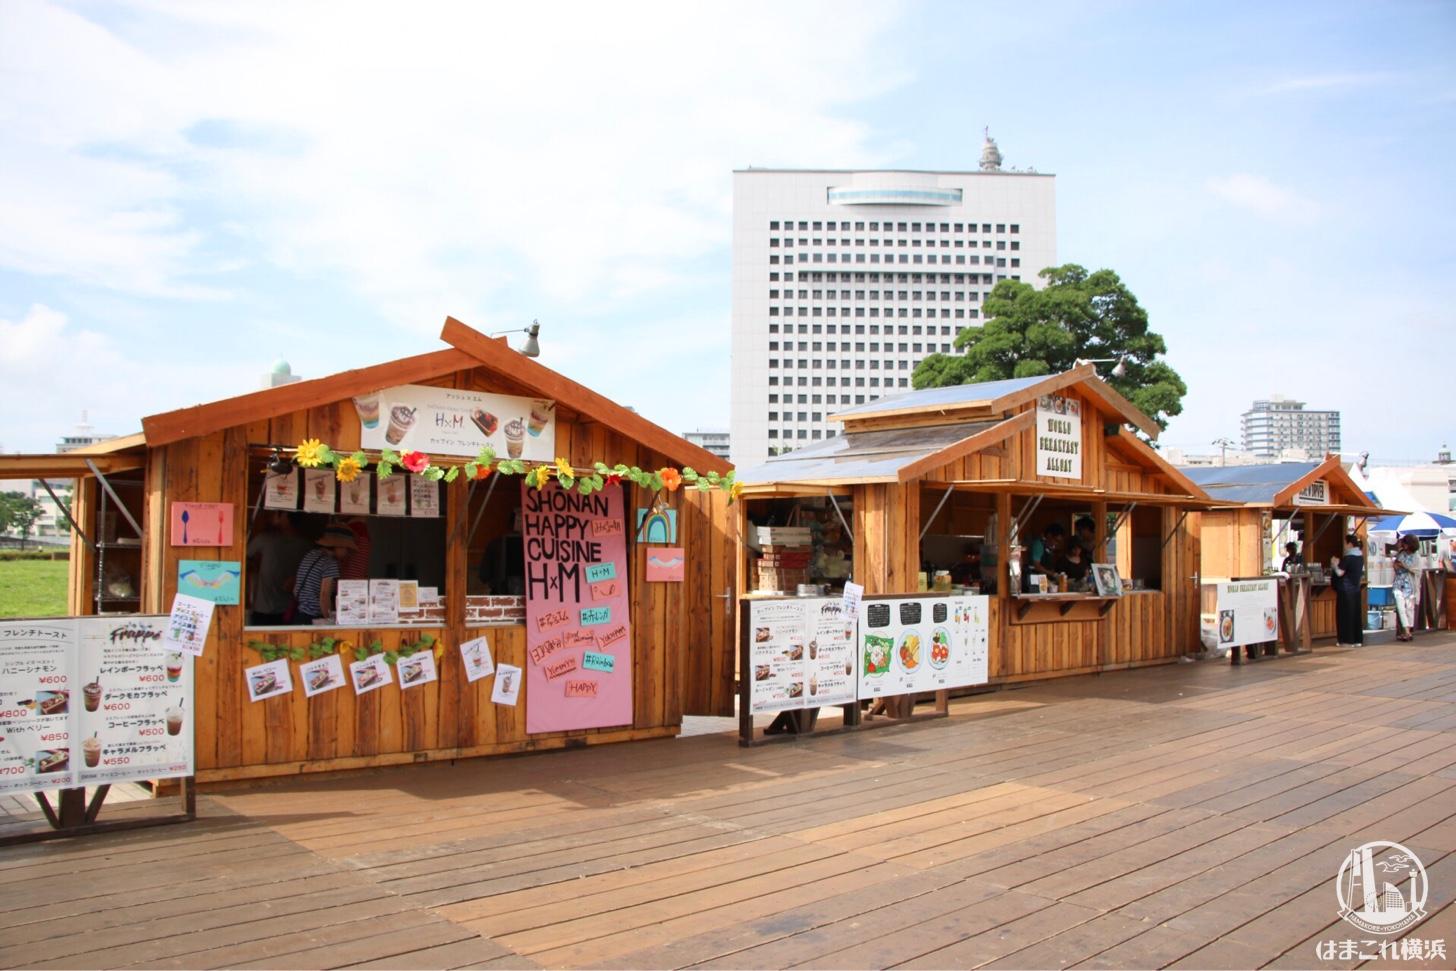 横浜赤レンガ倉庫「みんなの朝」